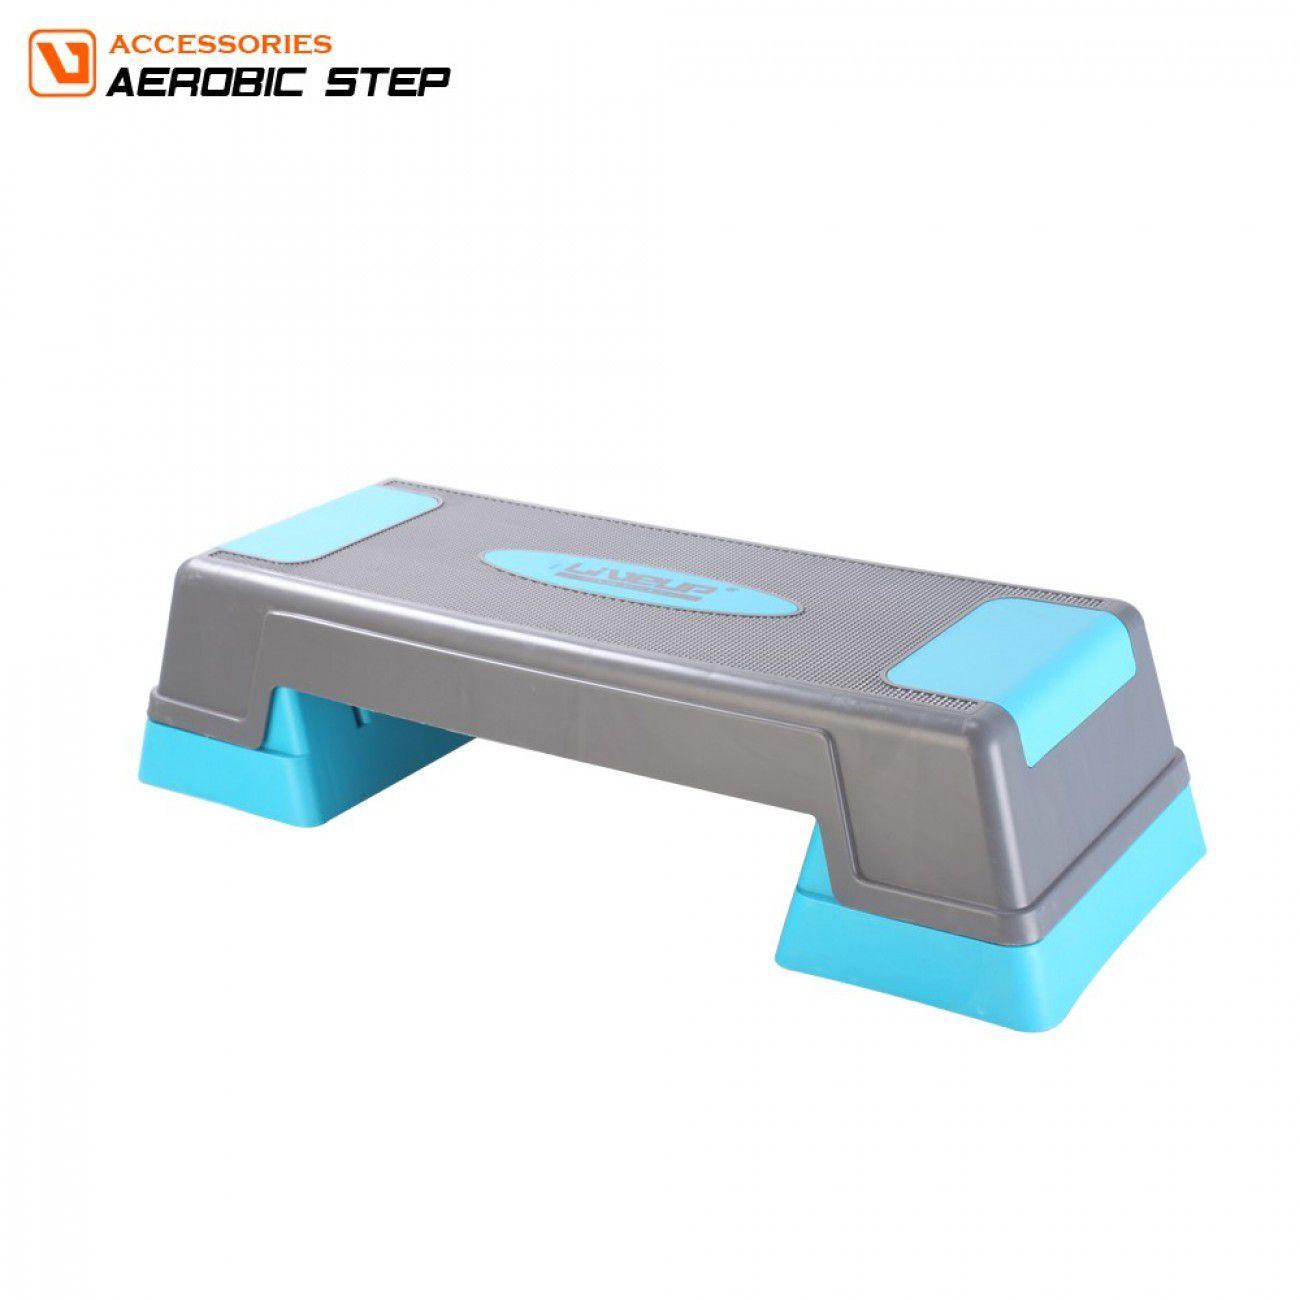 Step Exercitador Aeróbico Ajustável 70x27x12,17 ou 22cm - Liveup Sports